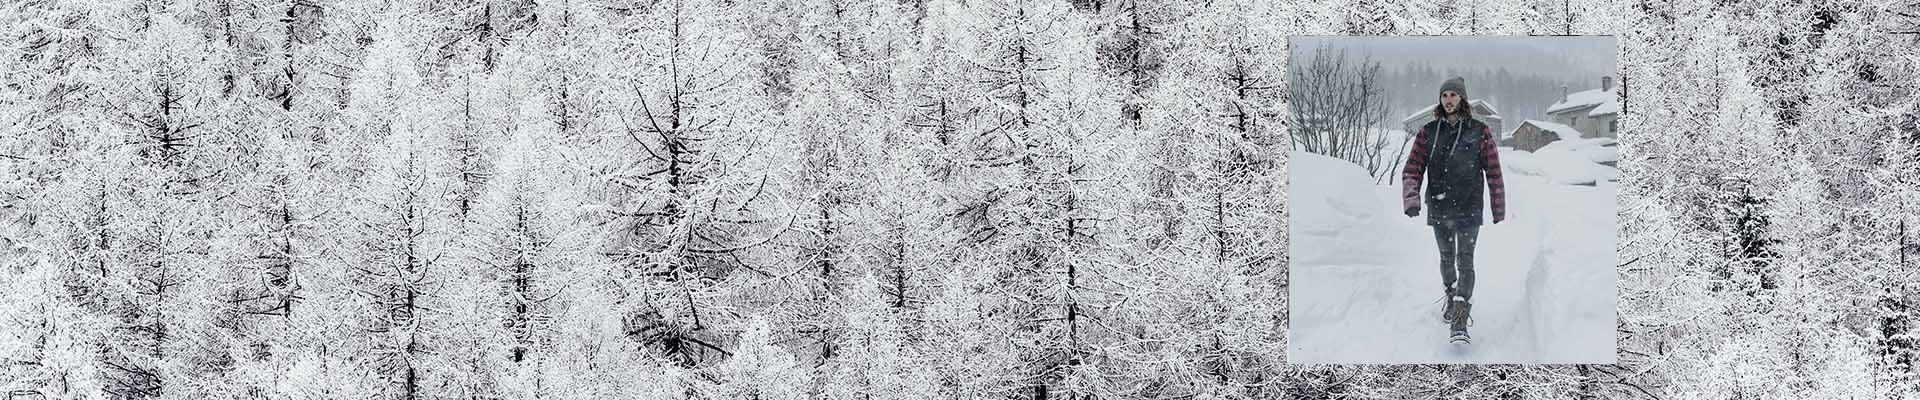 Bottes de neige